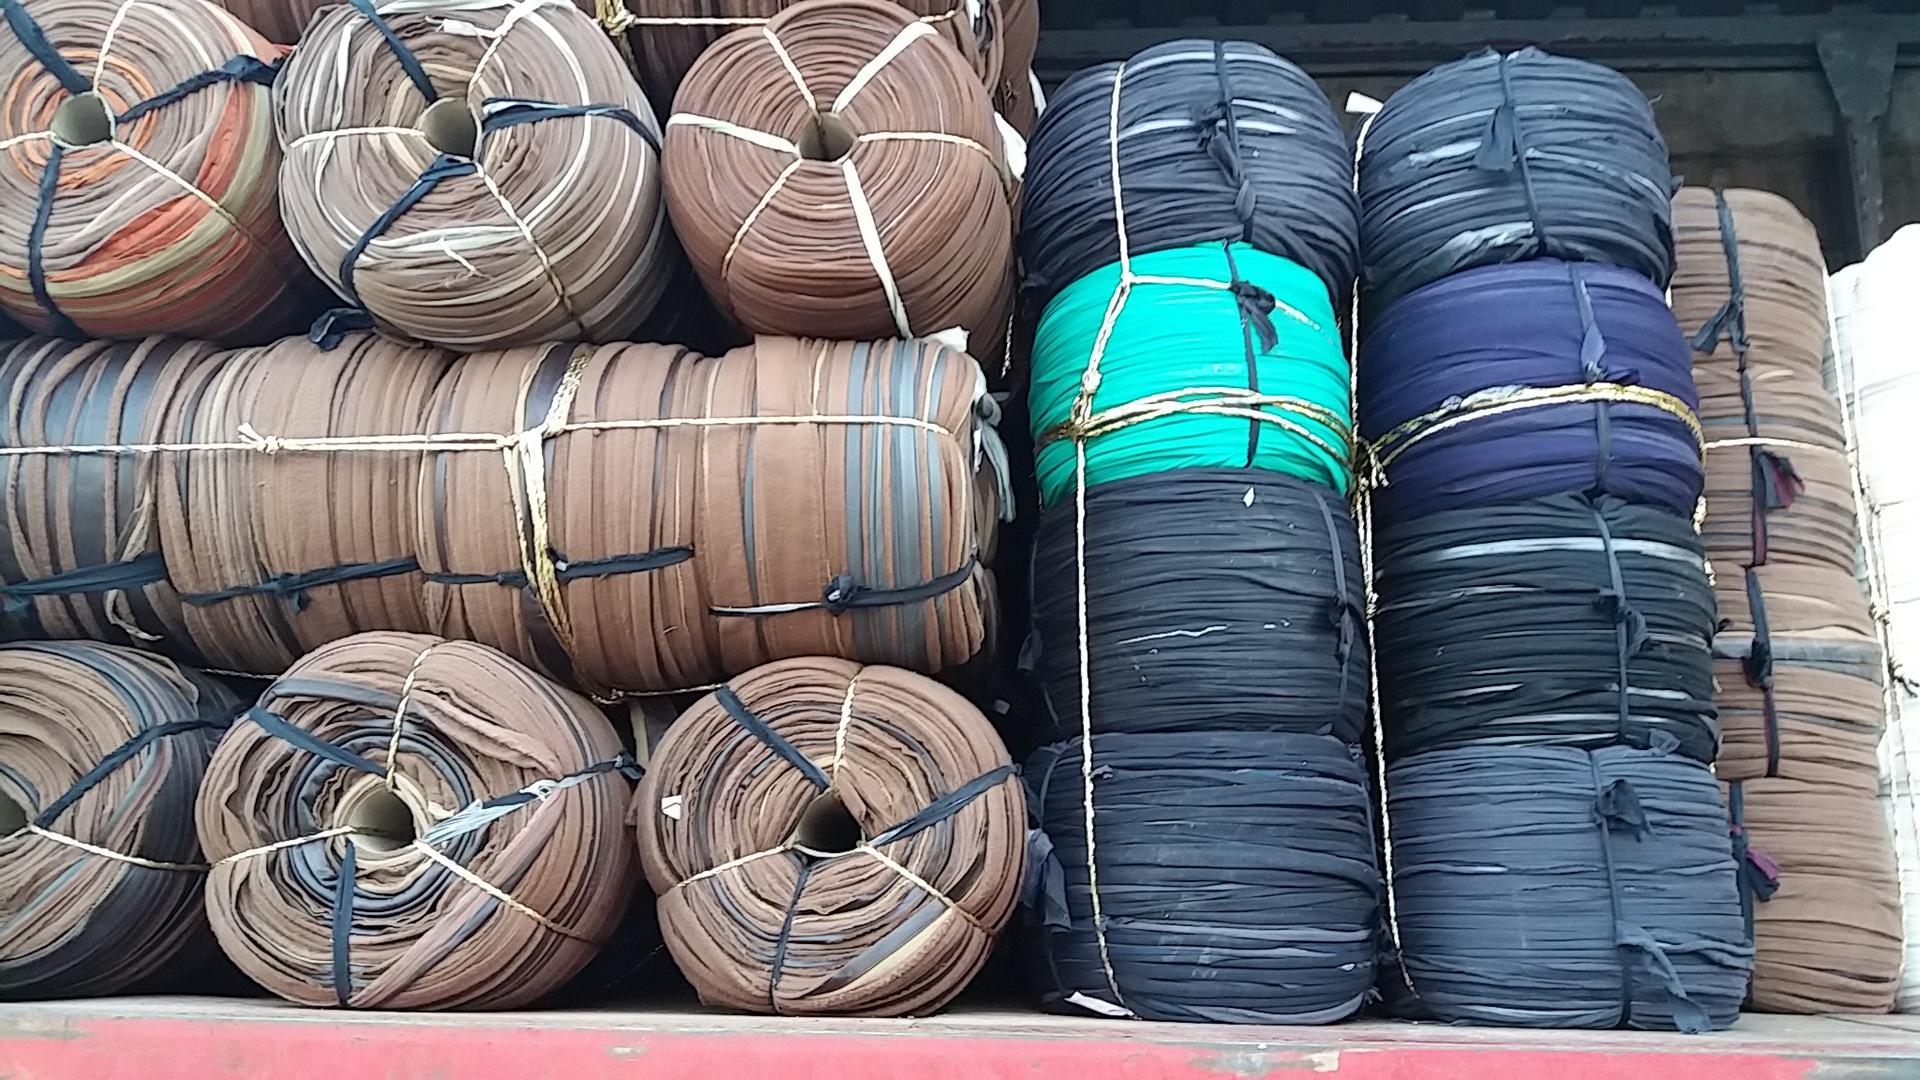 捆树土球布条-直销-供应商-价格